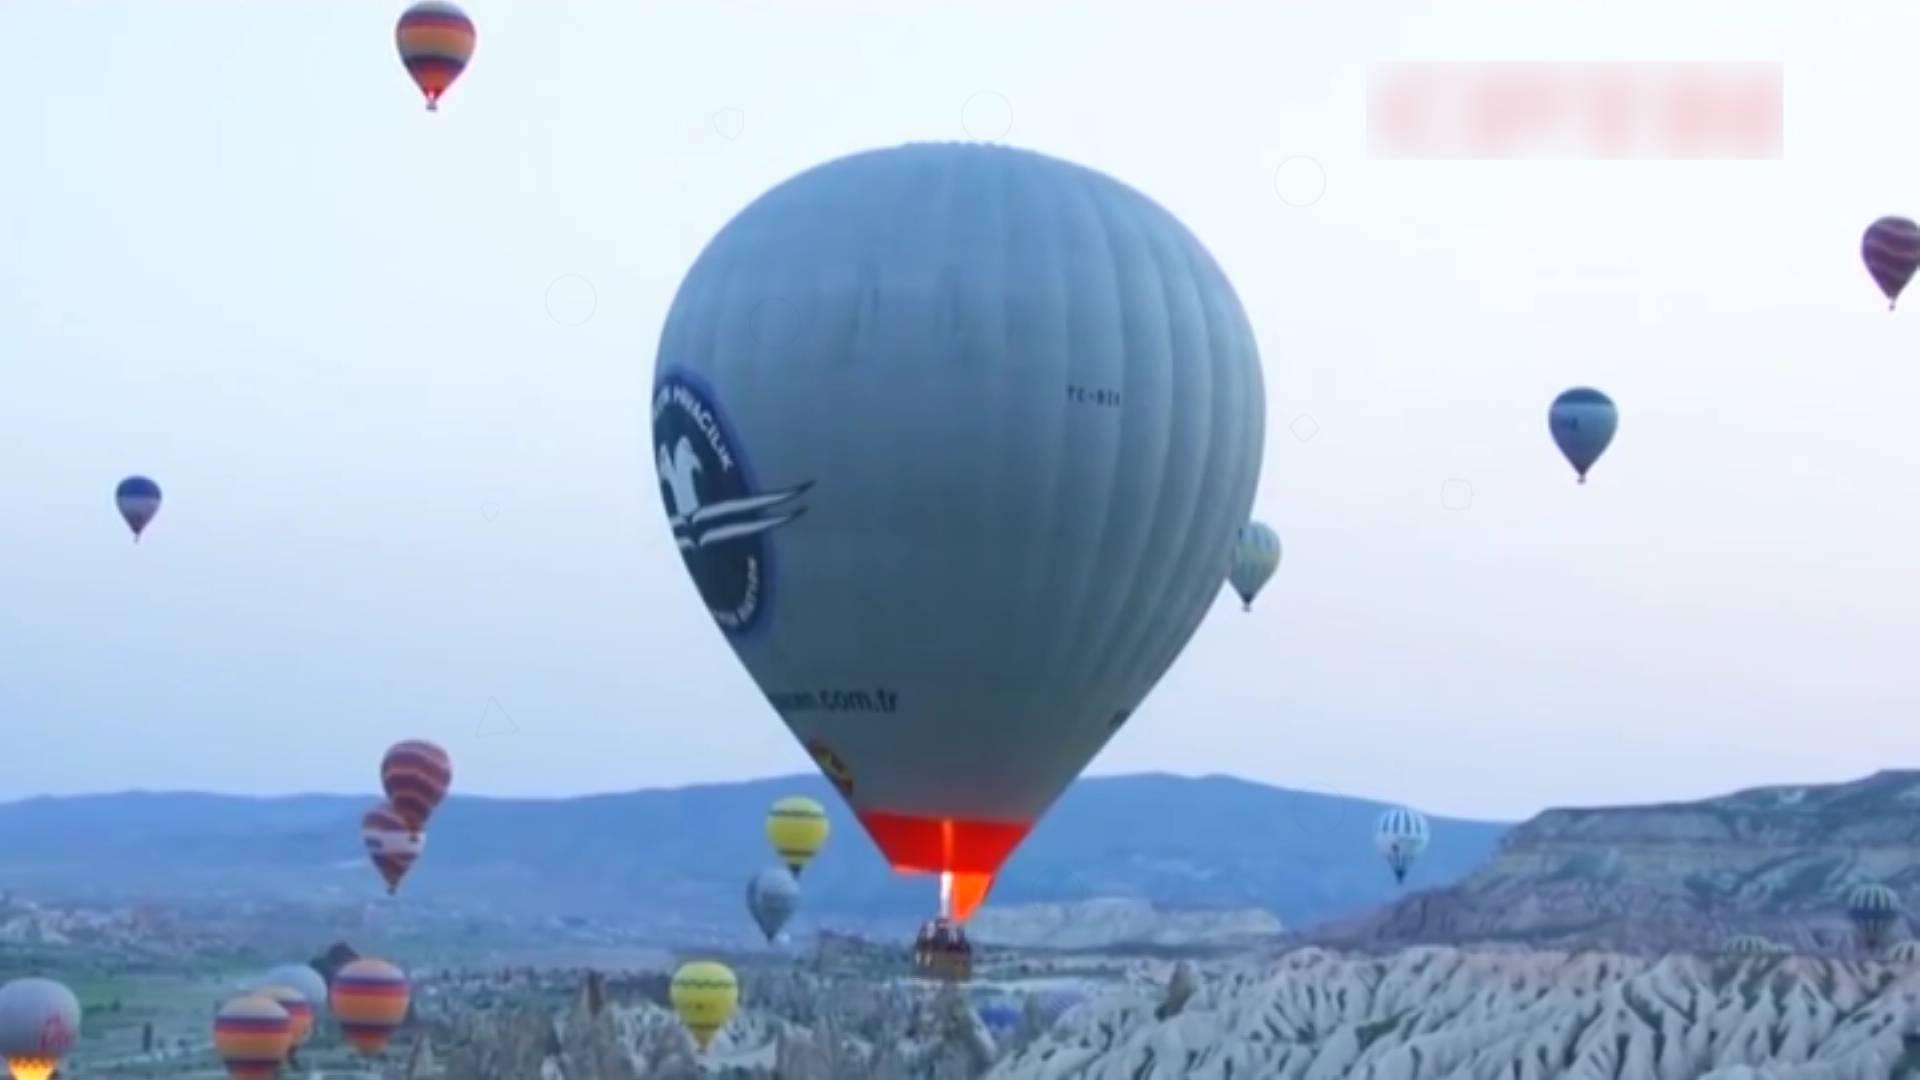 66秒 | 热气球赏景 田间采摘尝秋!超级黄金周来青岛美丽乡村近郊游